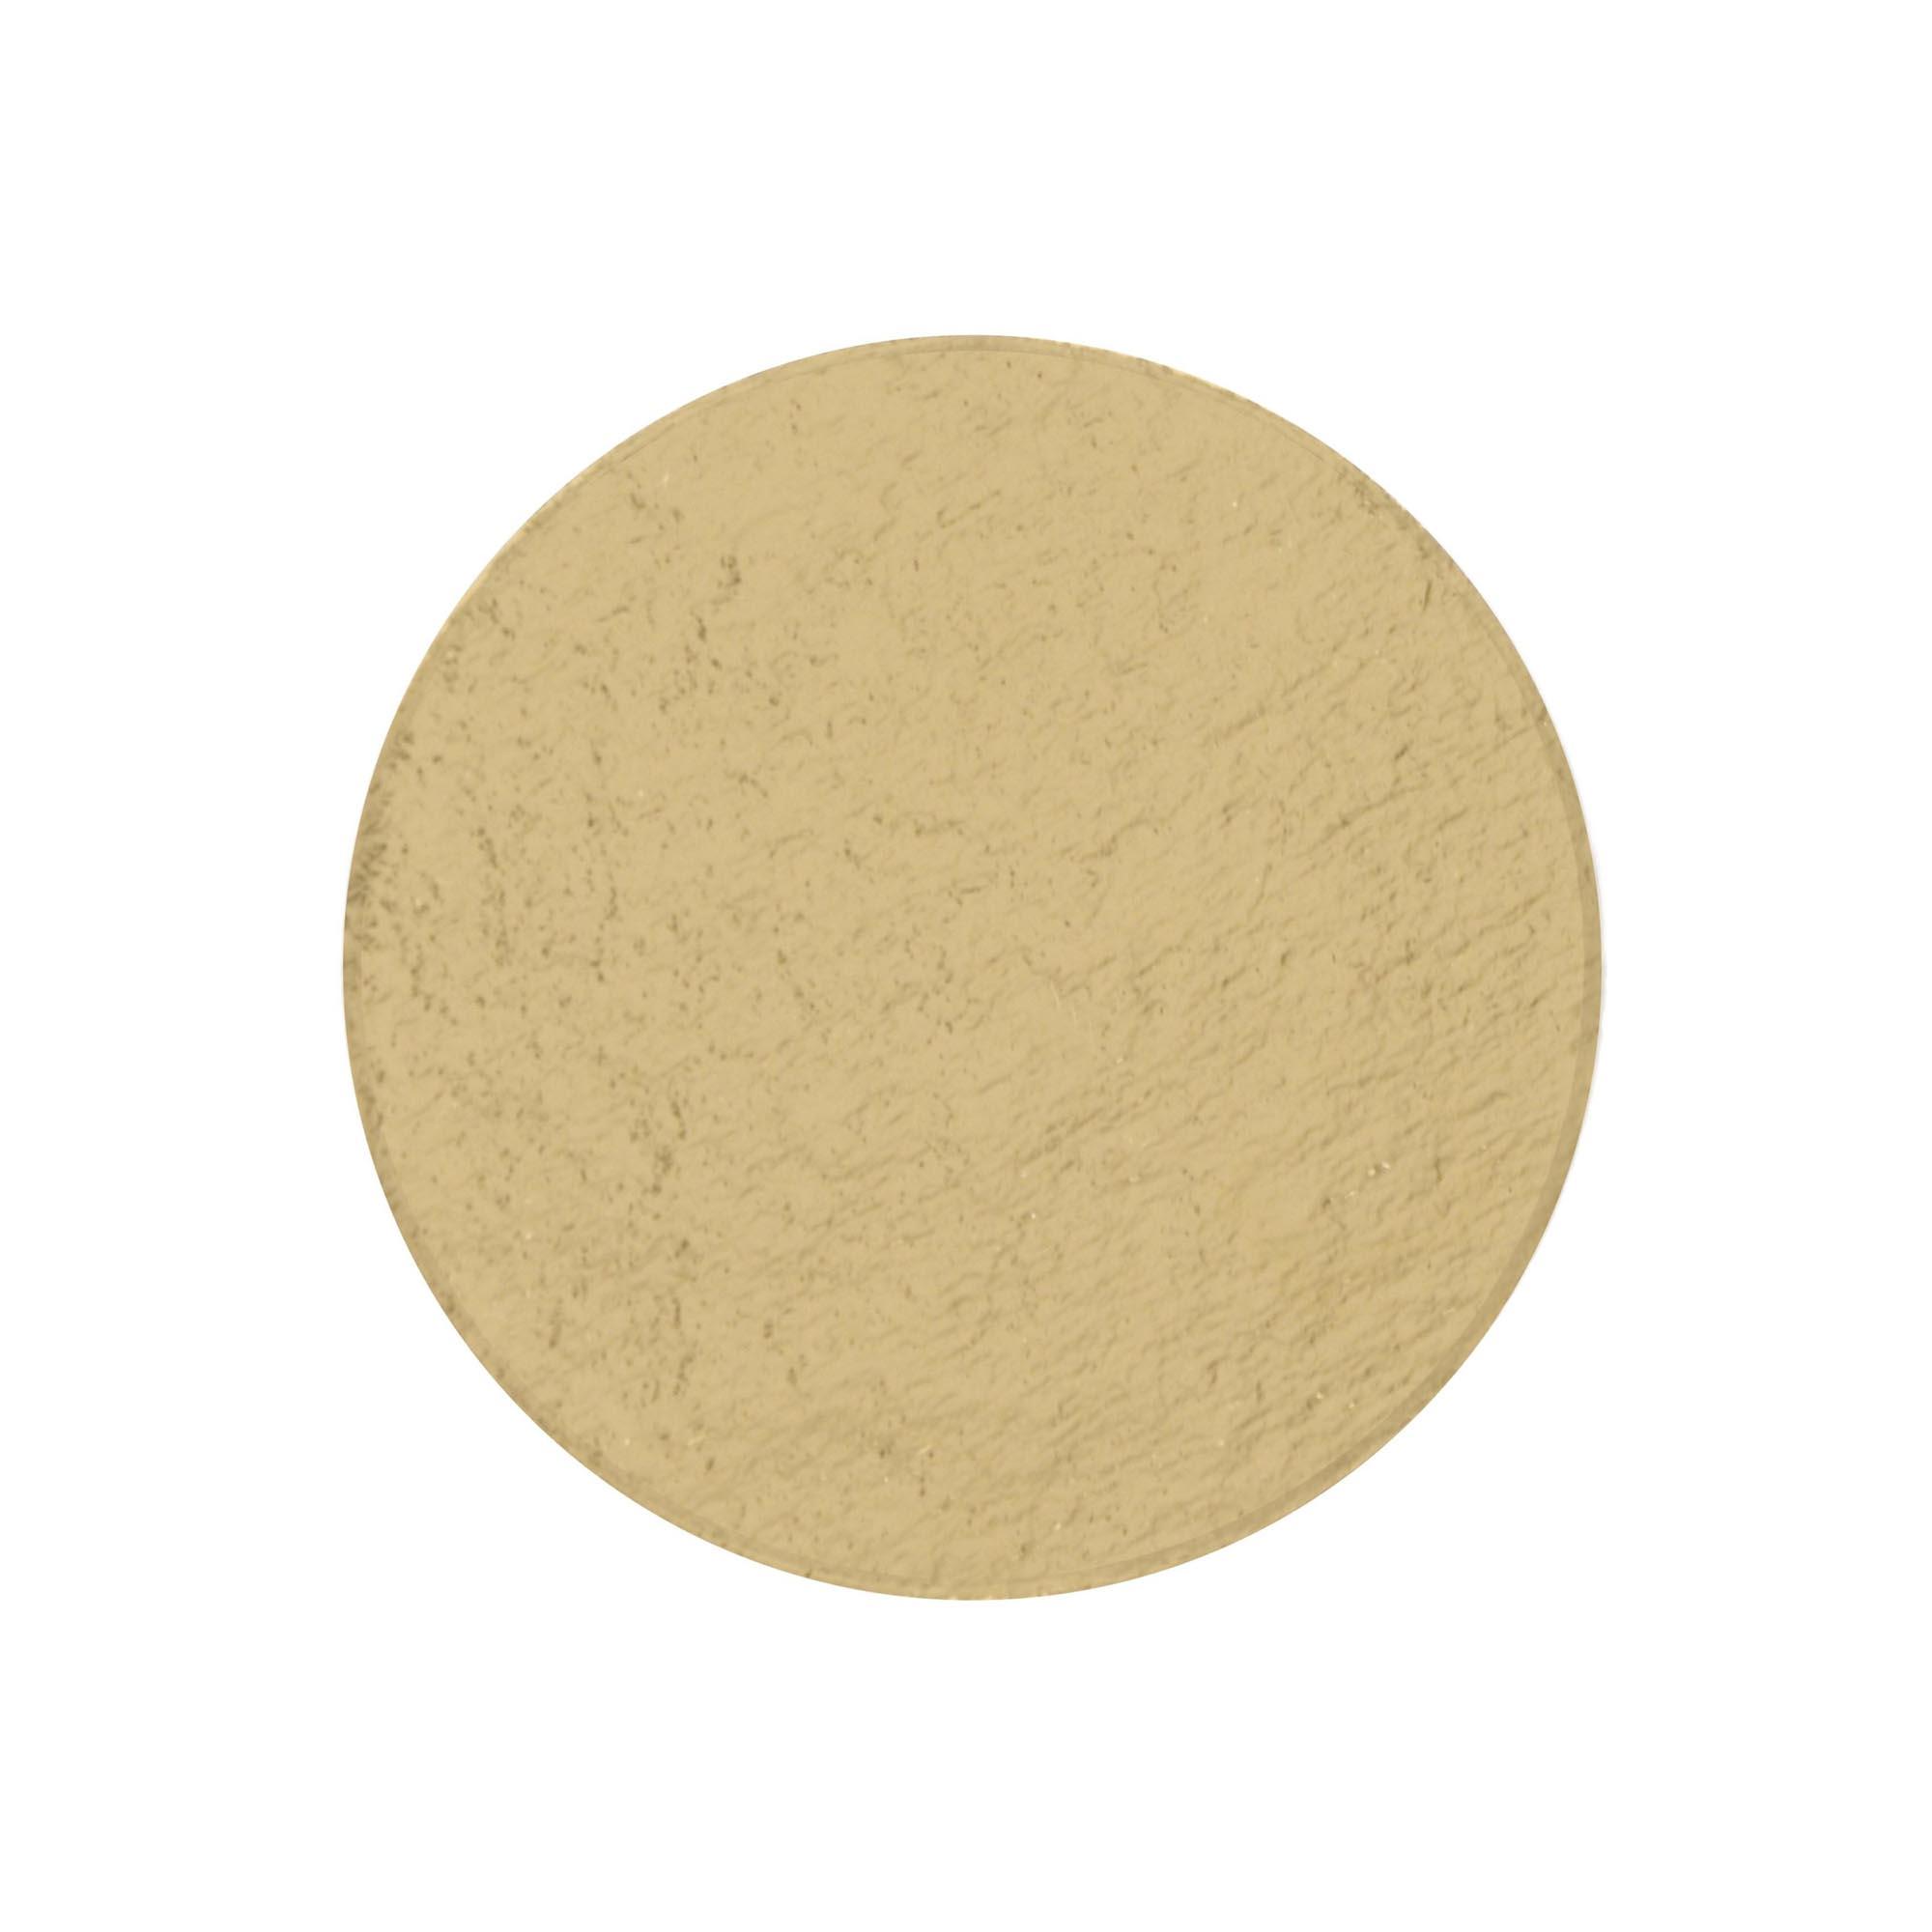 200 Bases Laminadas, Suporte P/ Brigadeiros e Doces, Disco 6cm - Ouro